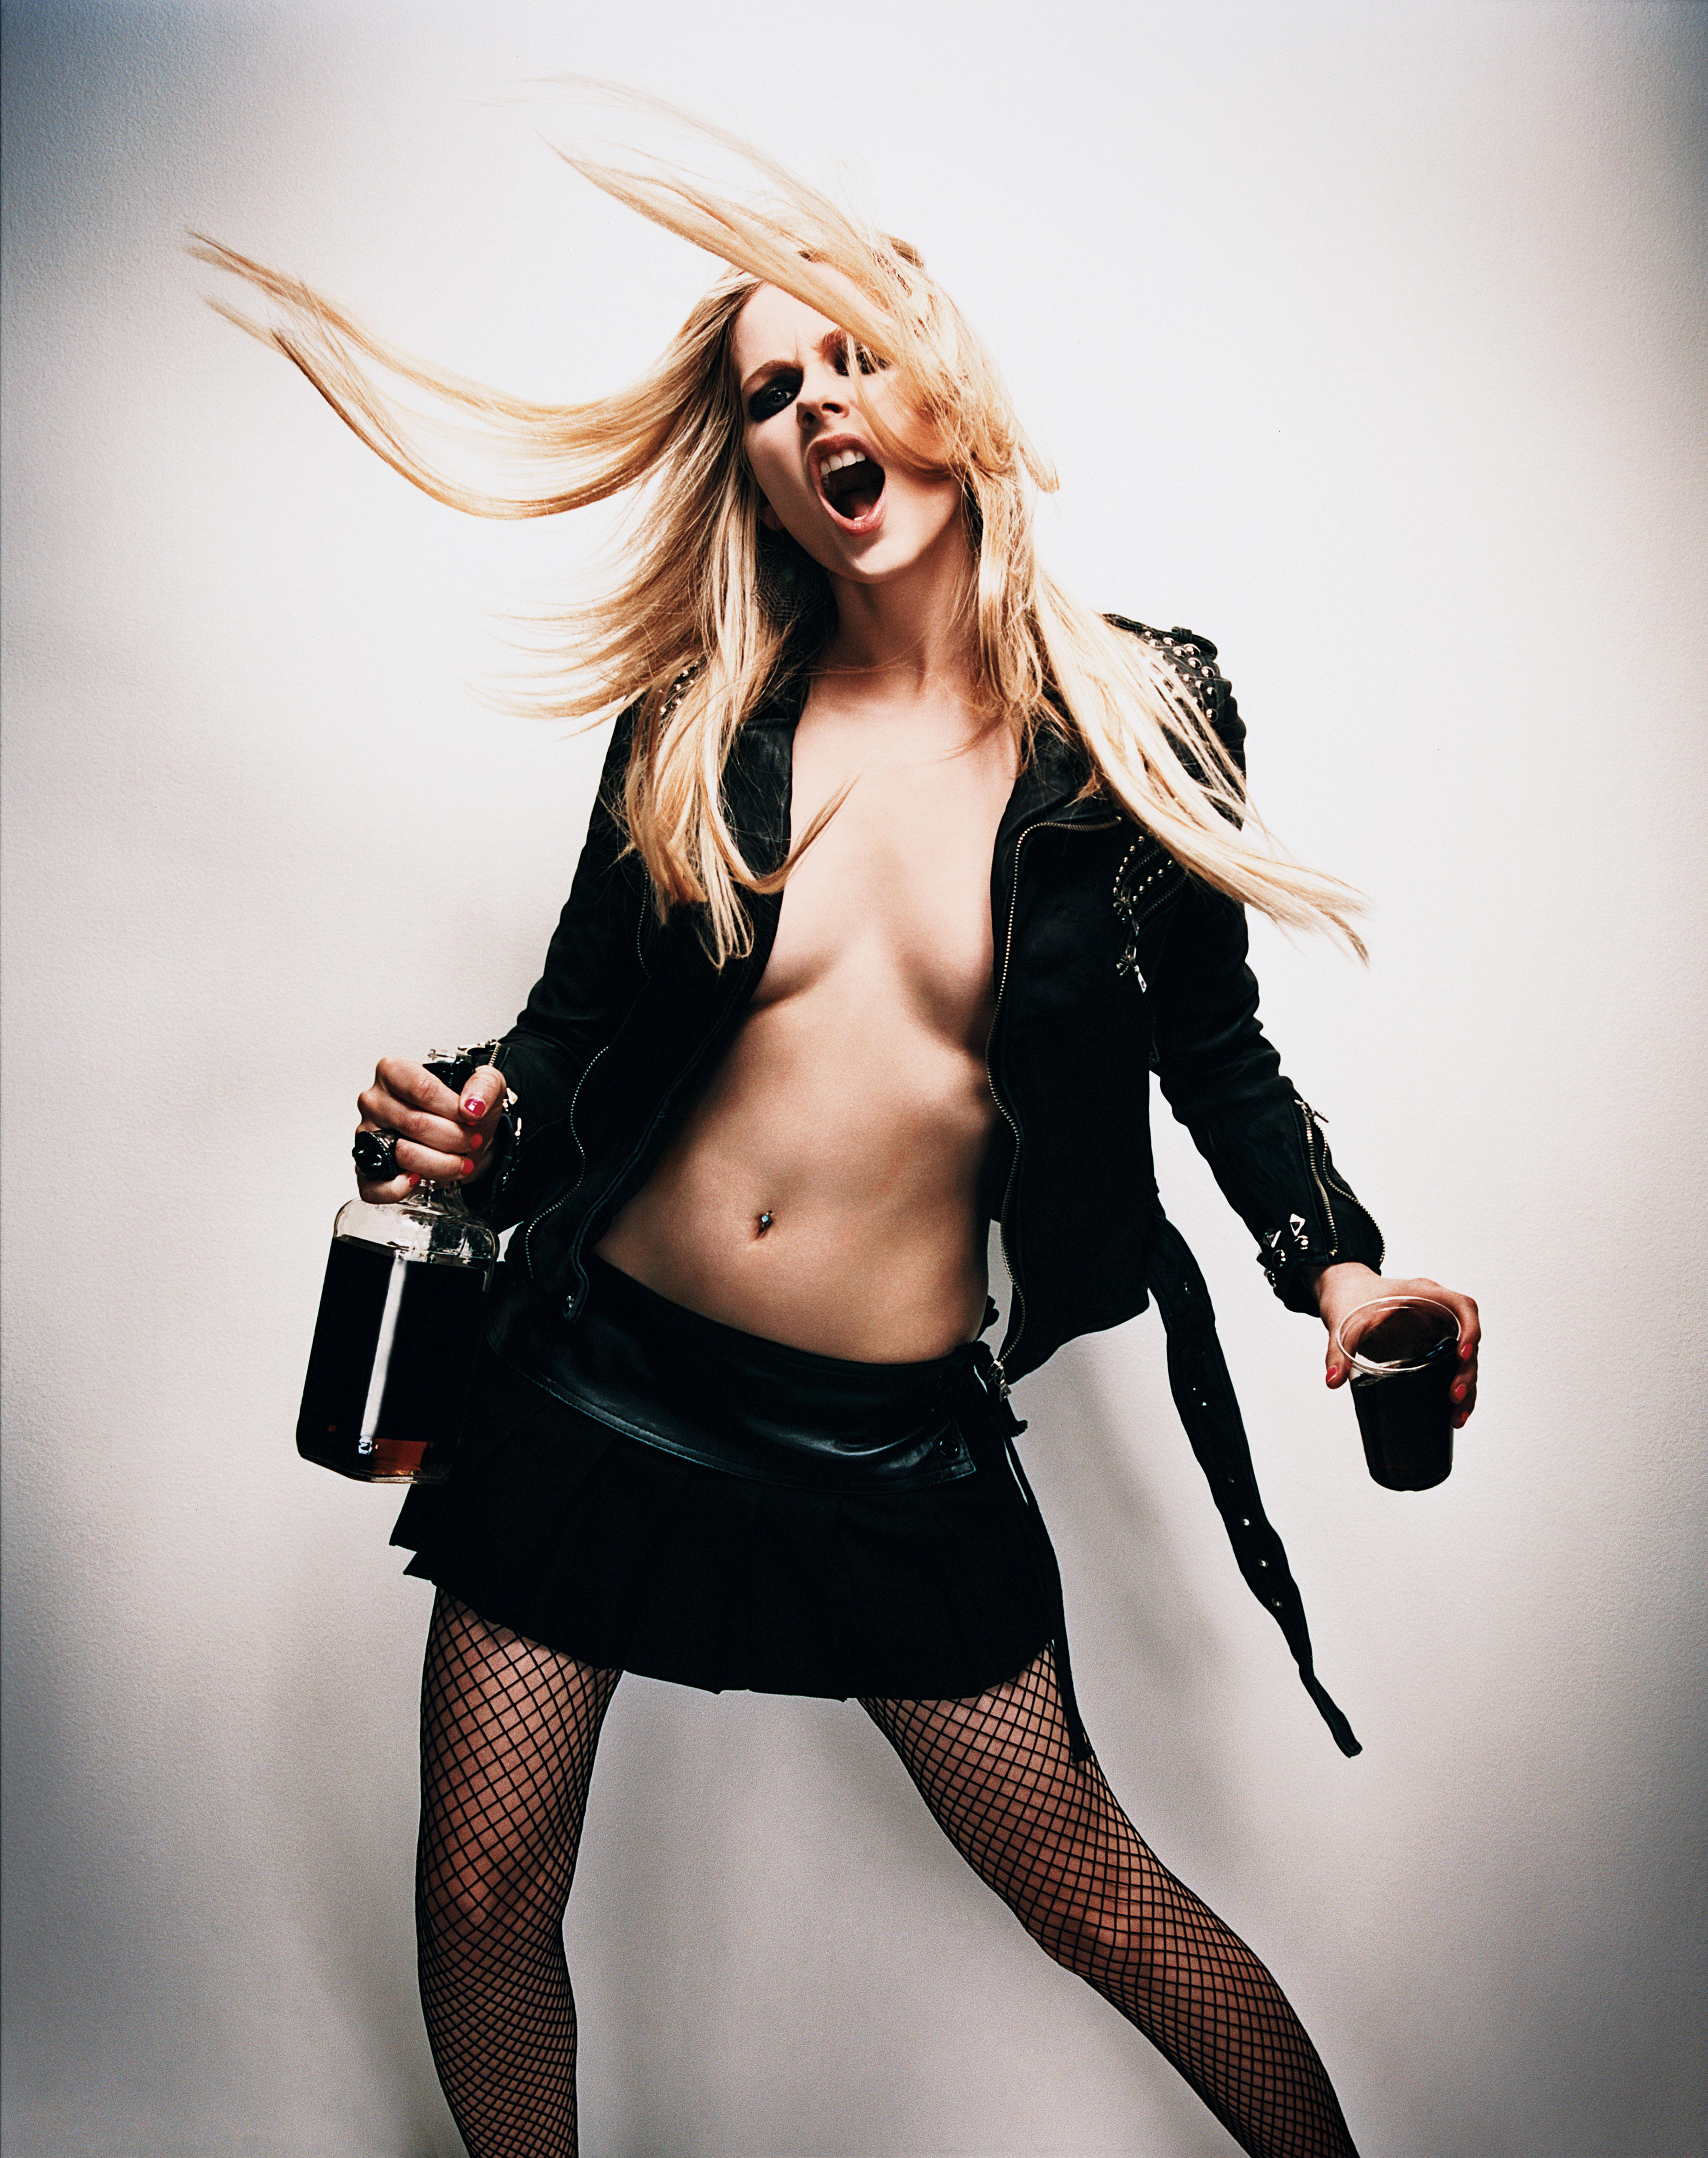 Avril_Lavigne01249.jpg